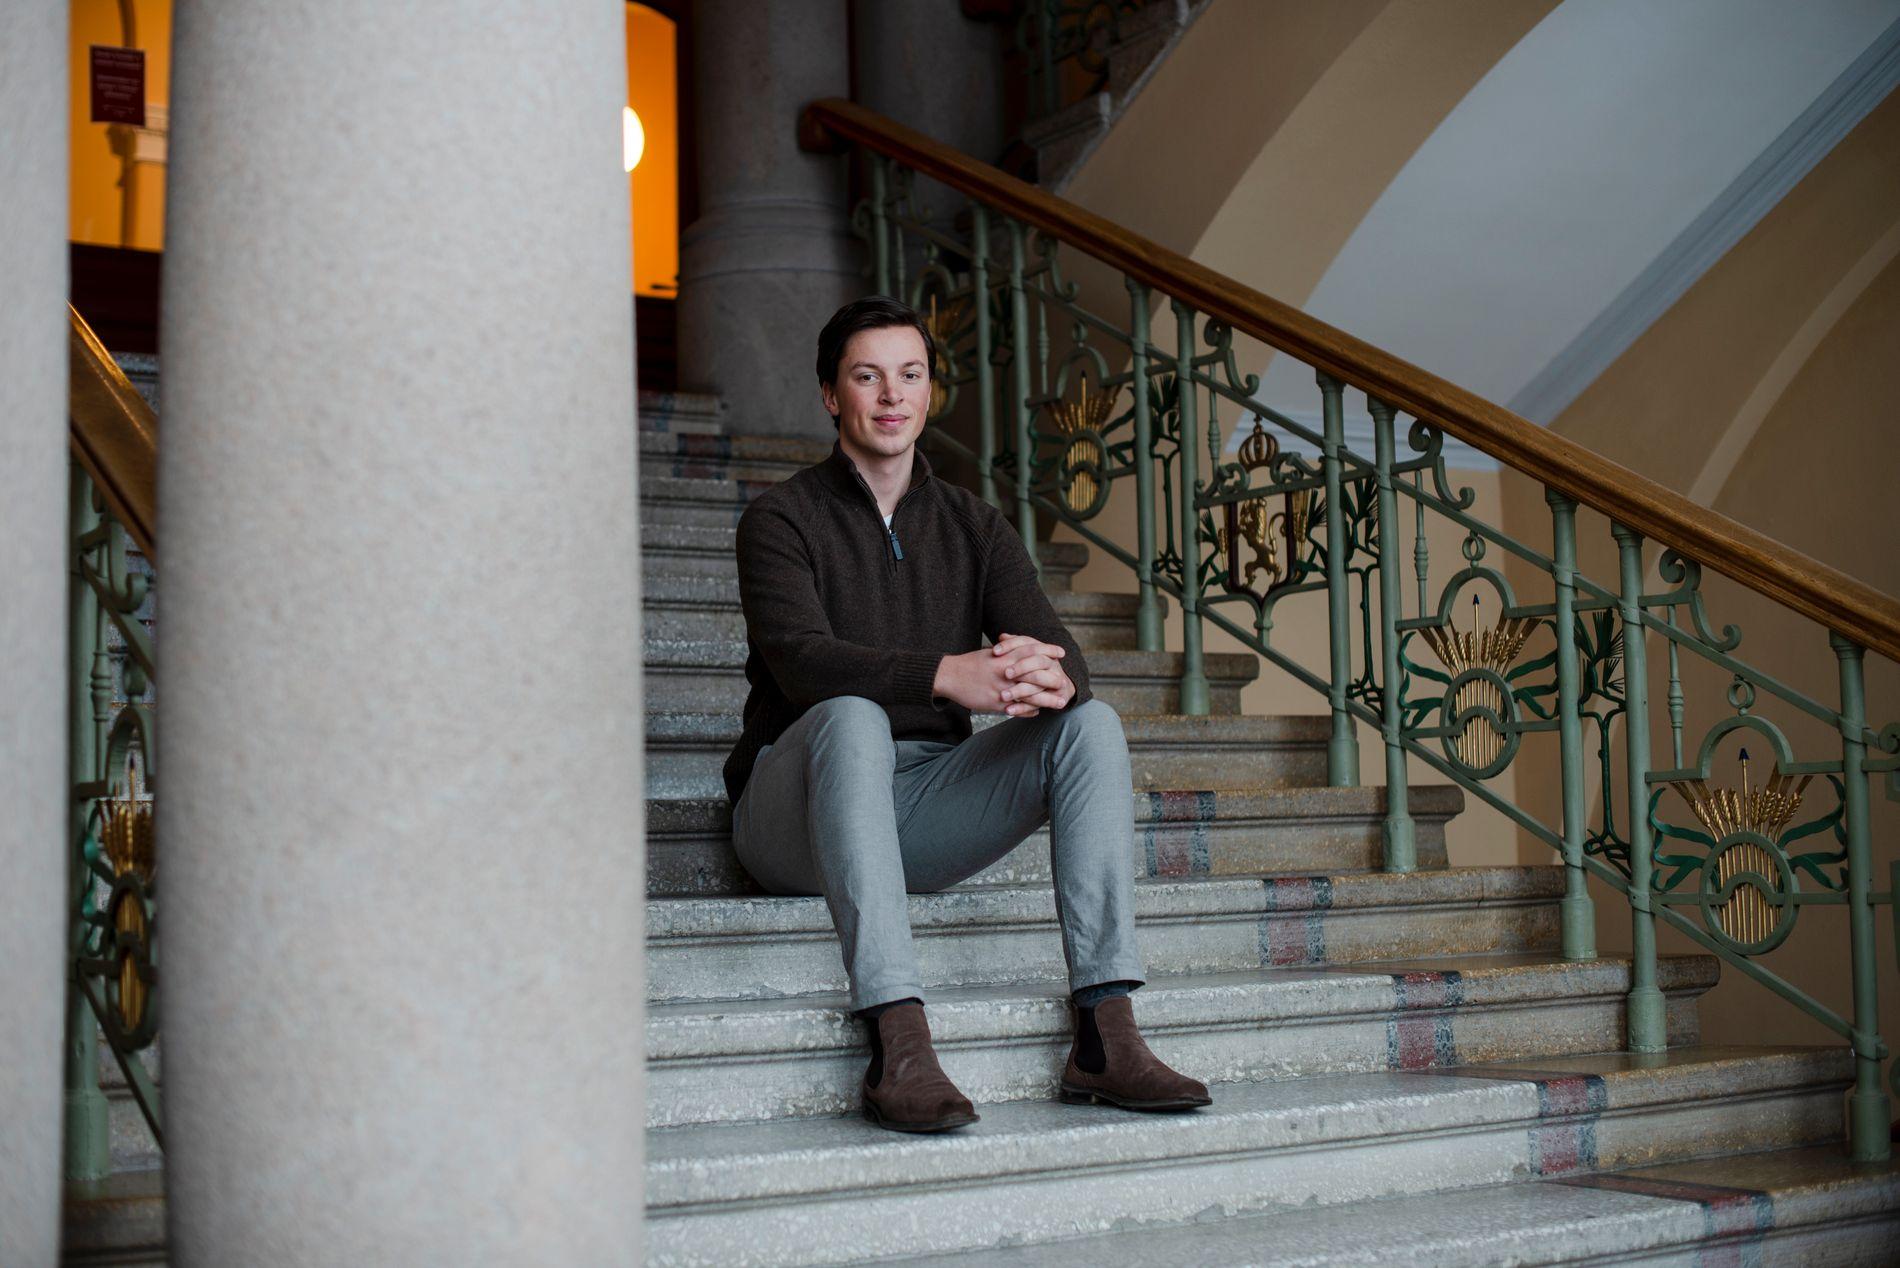 PERFEKT KOMBINASJON: Anders Walberg Nilsen fant drømmeutdanningen på NMBU, et masterprogram i skjæringspunktet mellom realfag og økonomi